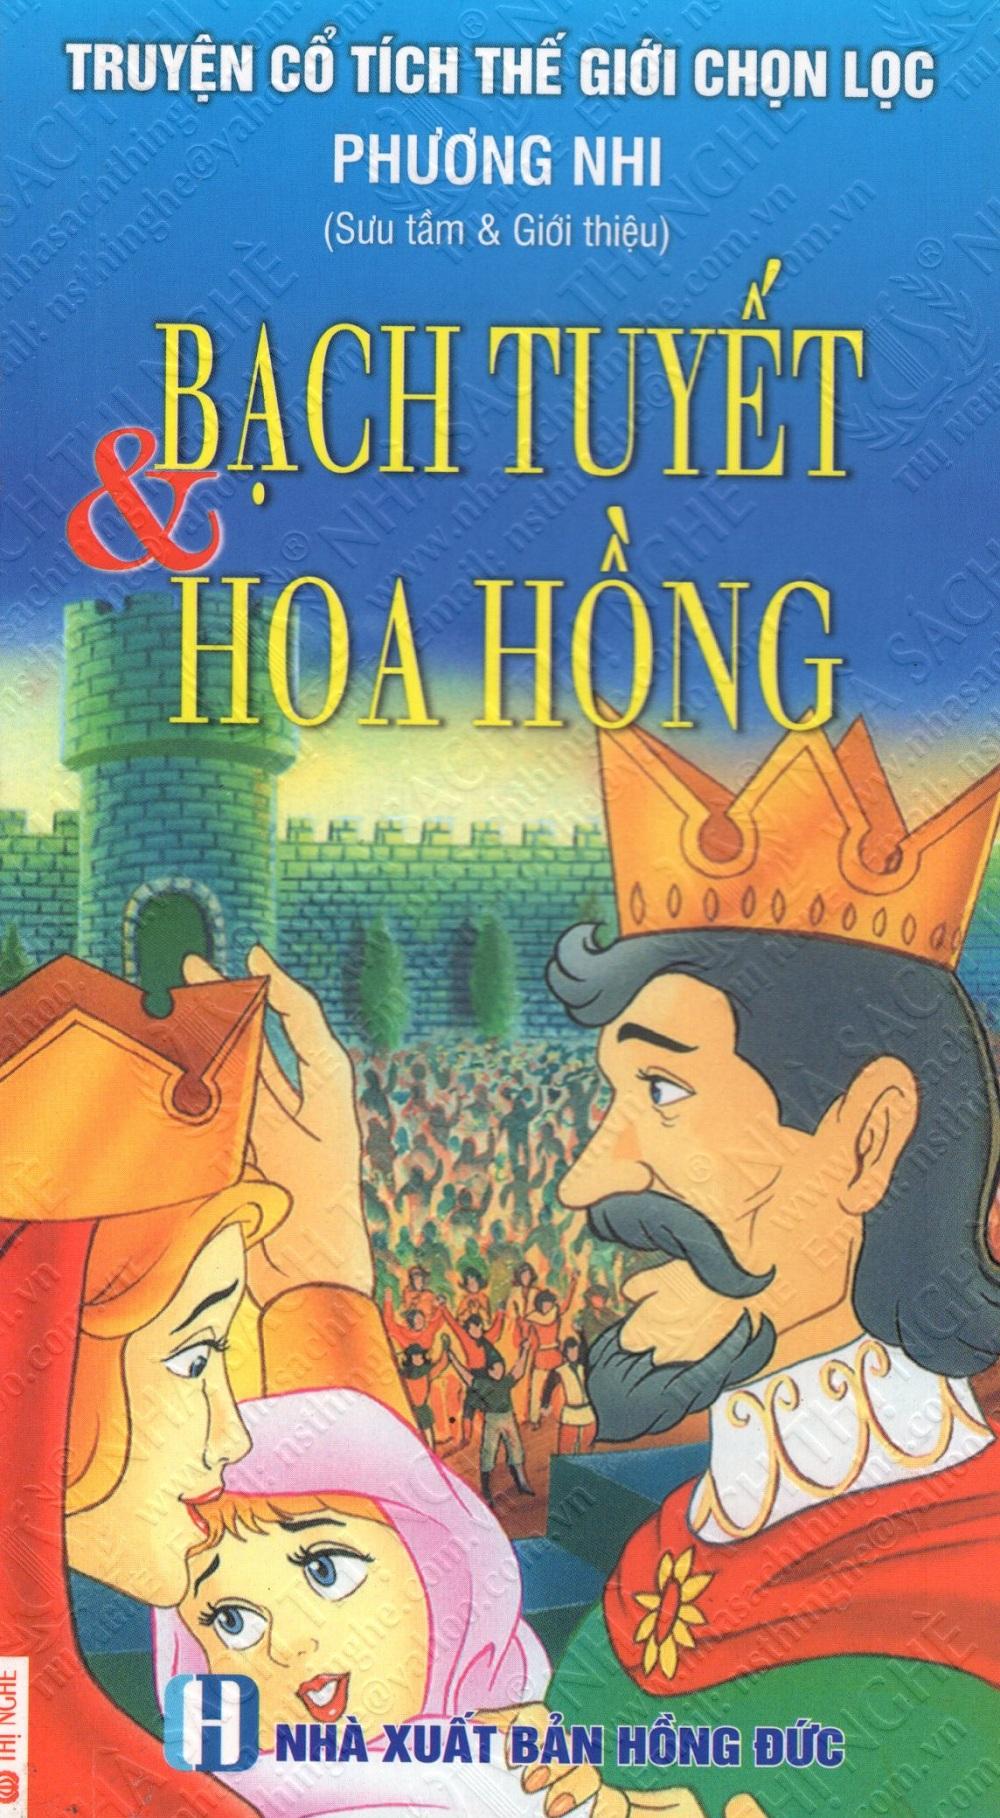 Bìa sách Truyện Cổ Tích Thế Giới Chọn Lọc: Bạch Tuyết  Hoa Hồng